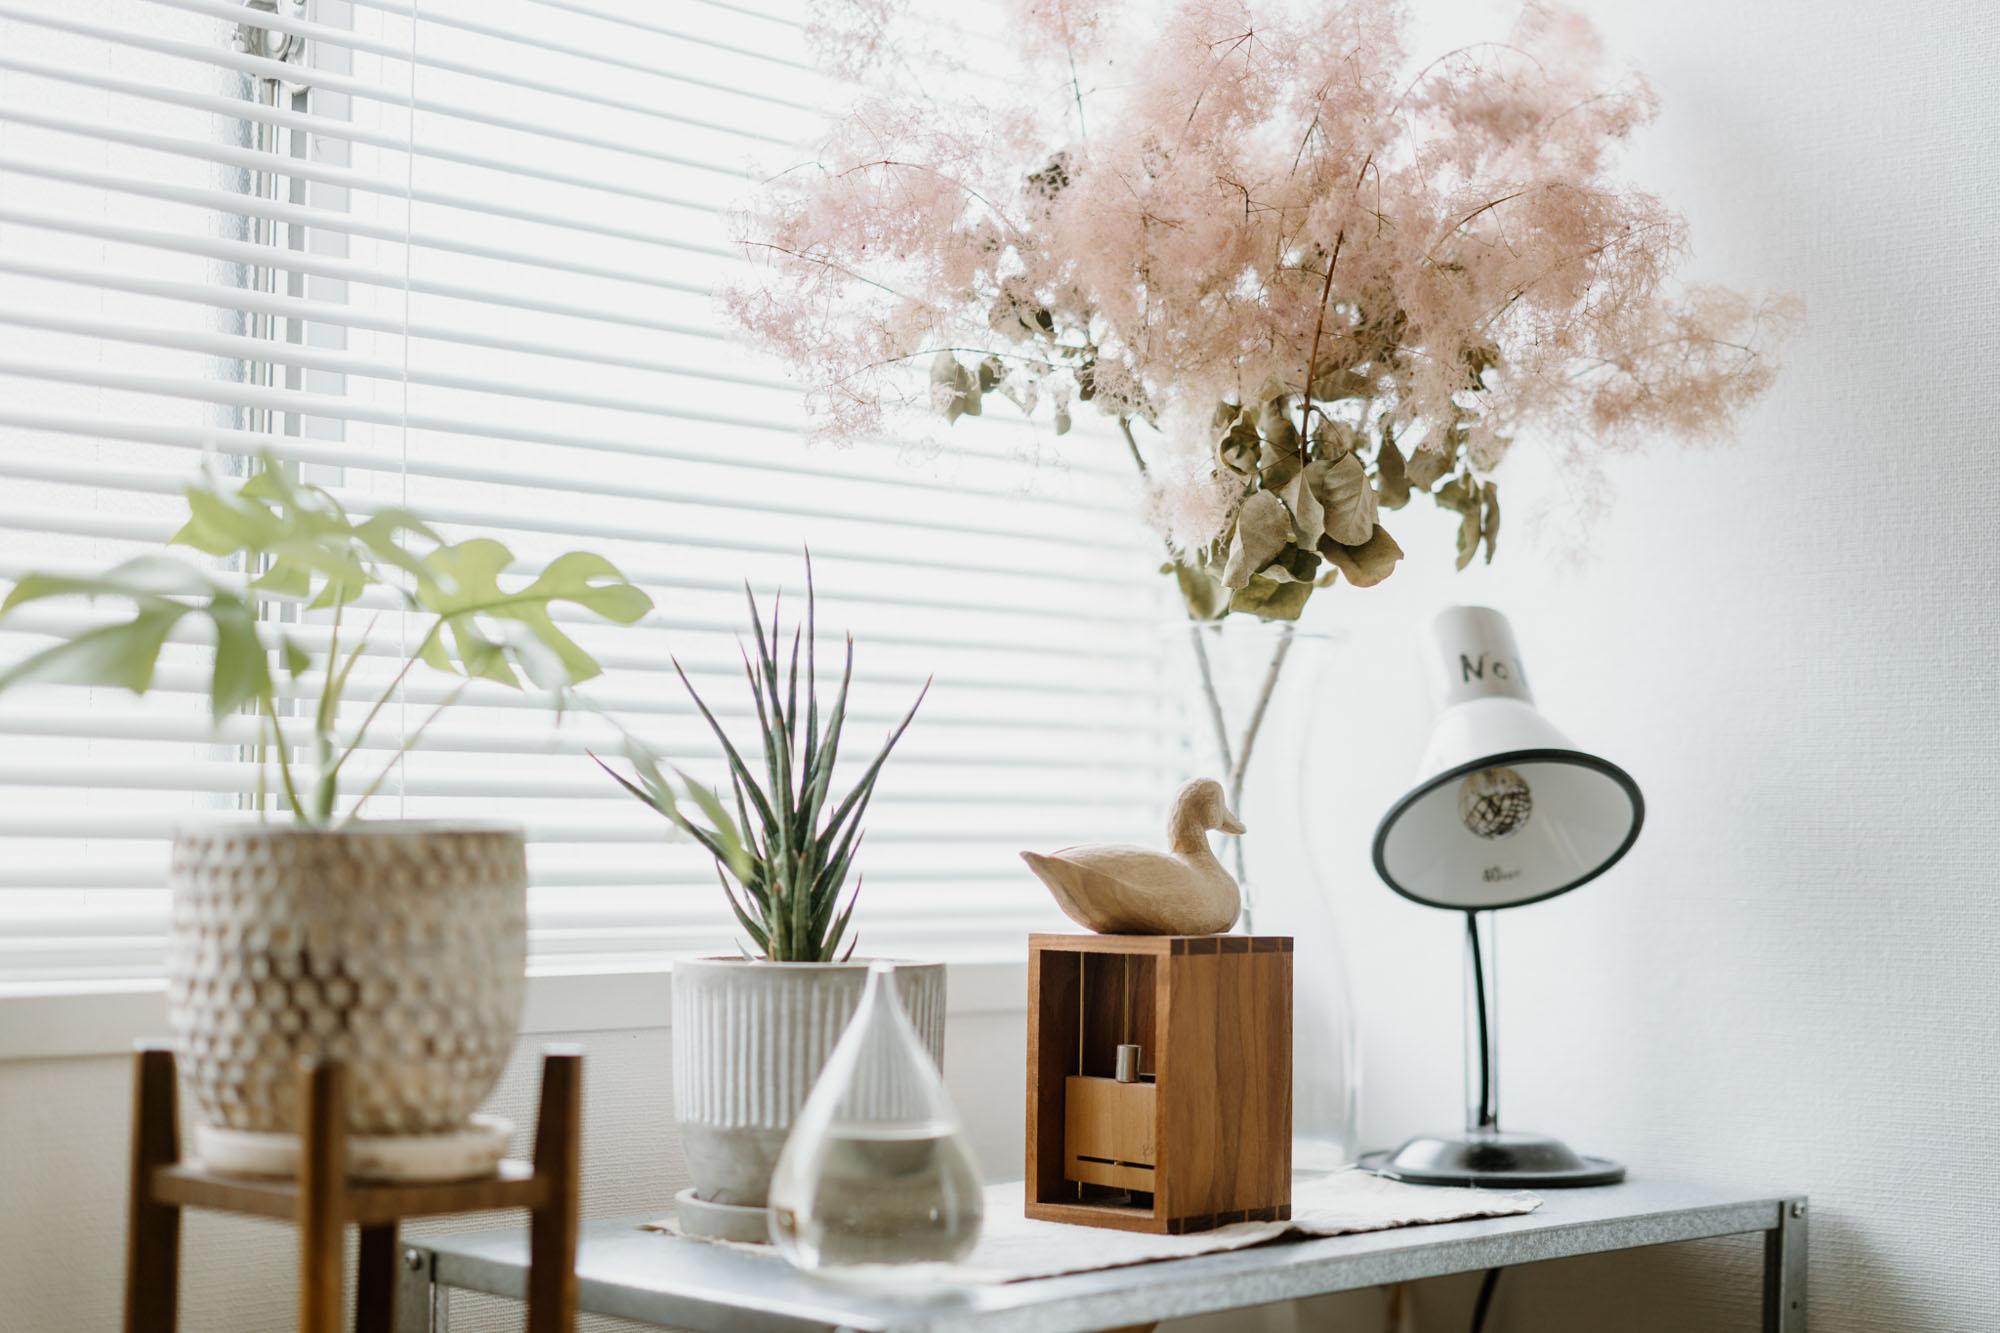 グリーンや、お花もたくさん。棚の上に置かれているのは、自分へのご褒美として購入した、原田和明さんのオートマタ(自動人形)。取手を回すと、鳥が卵を産む仕掛け。